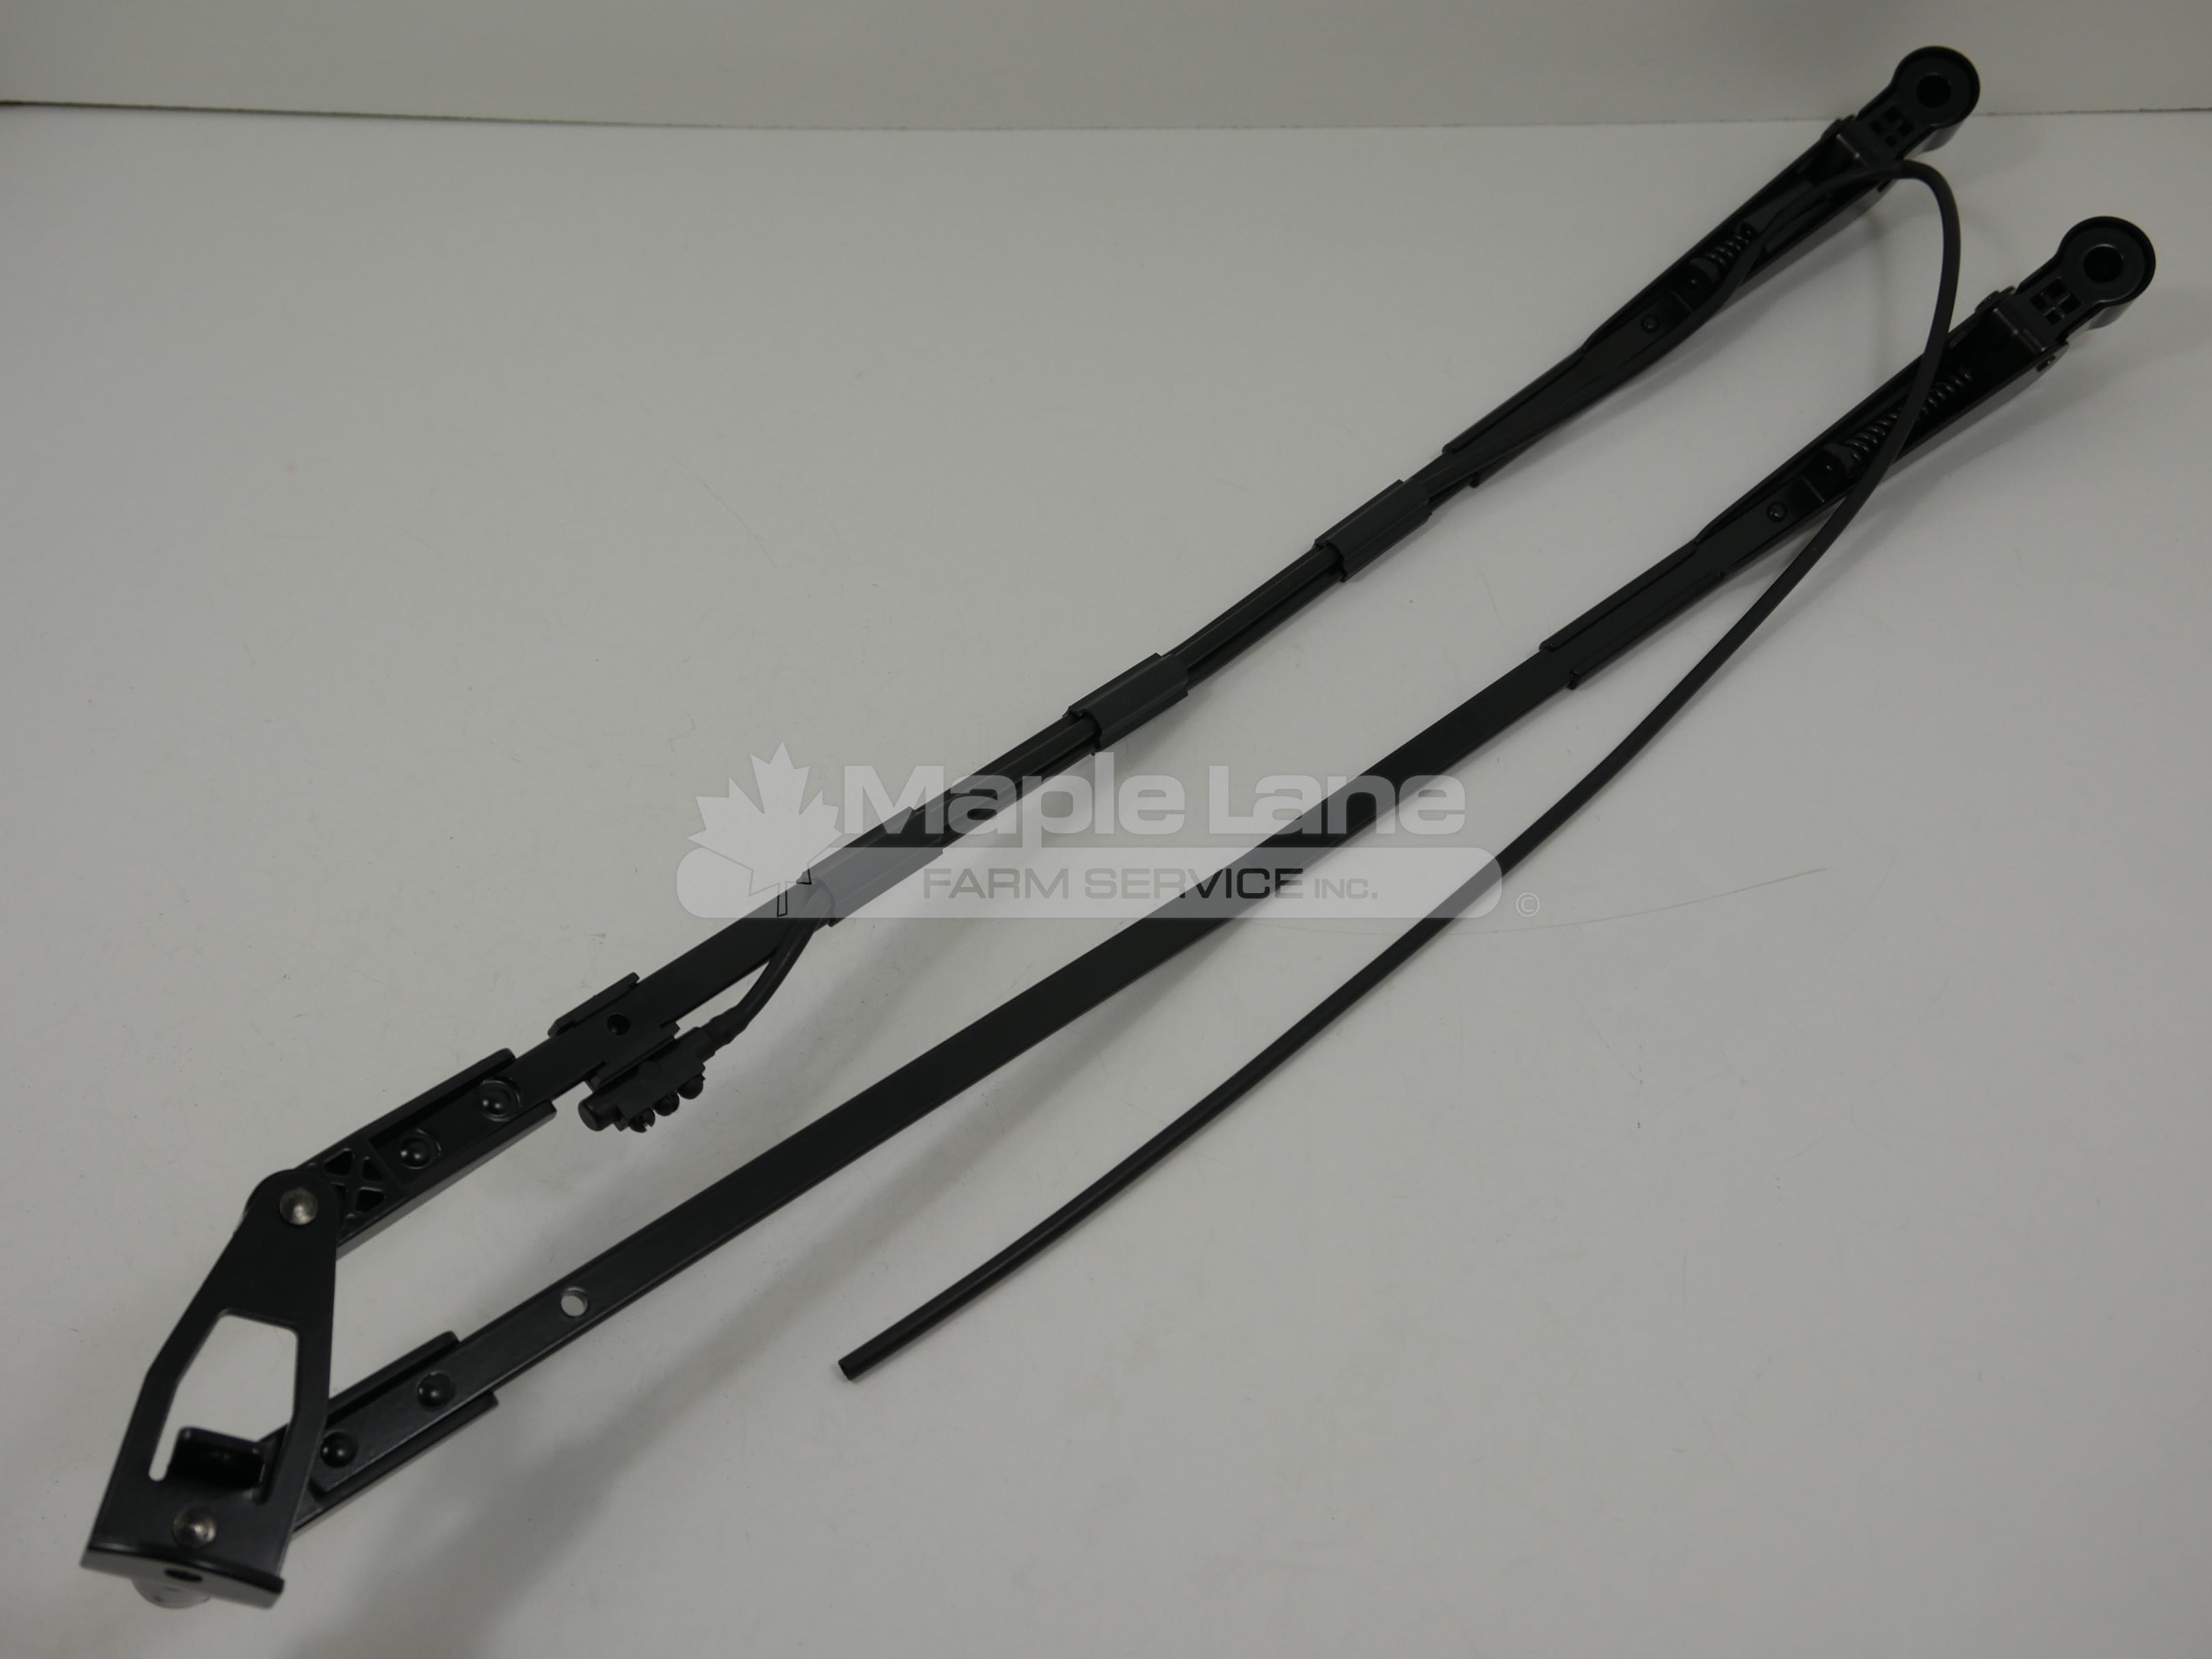 J193156 Blade Holder